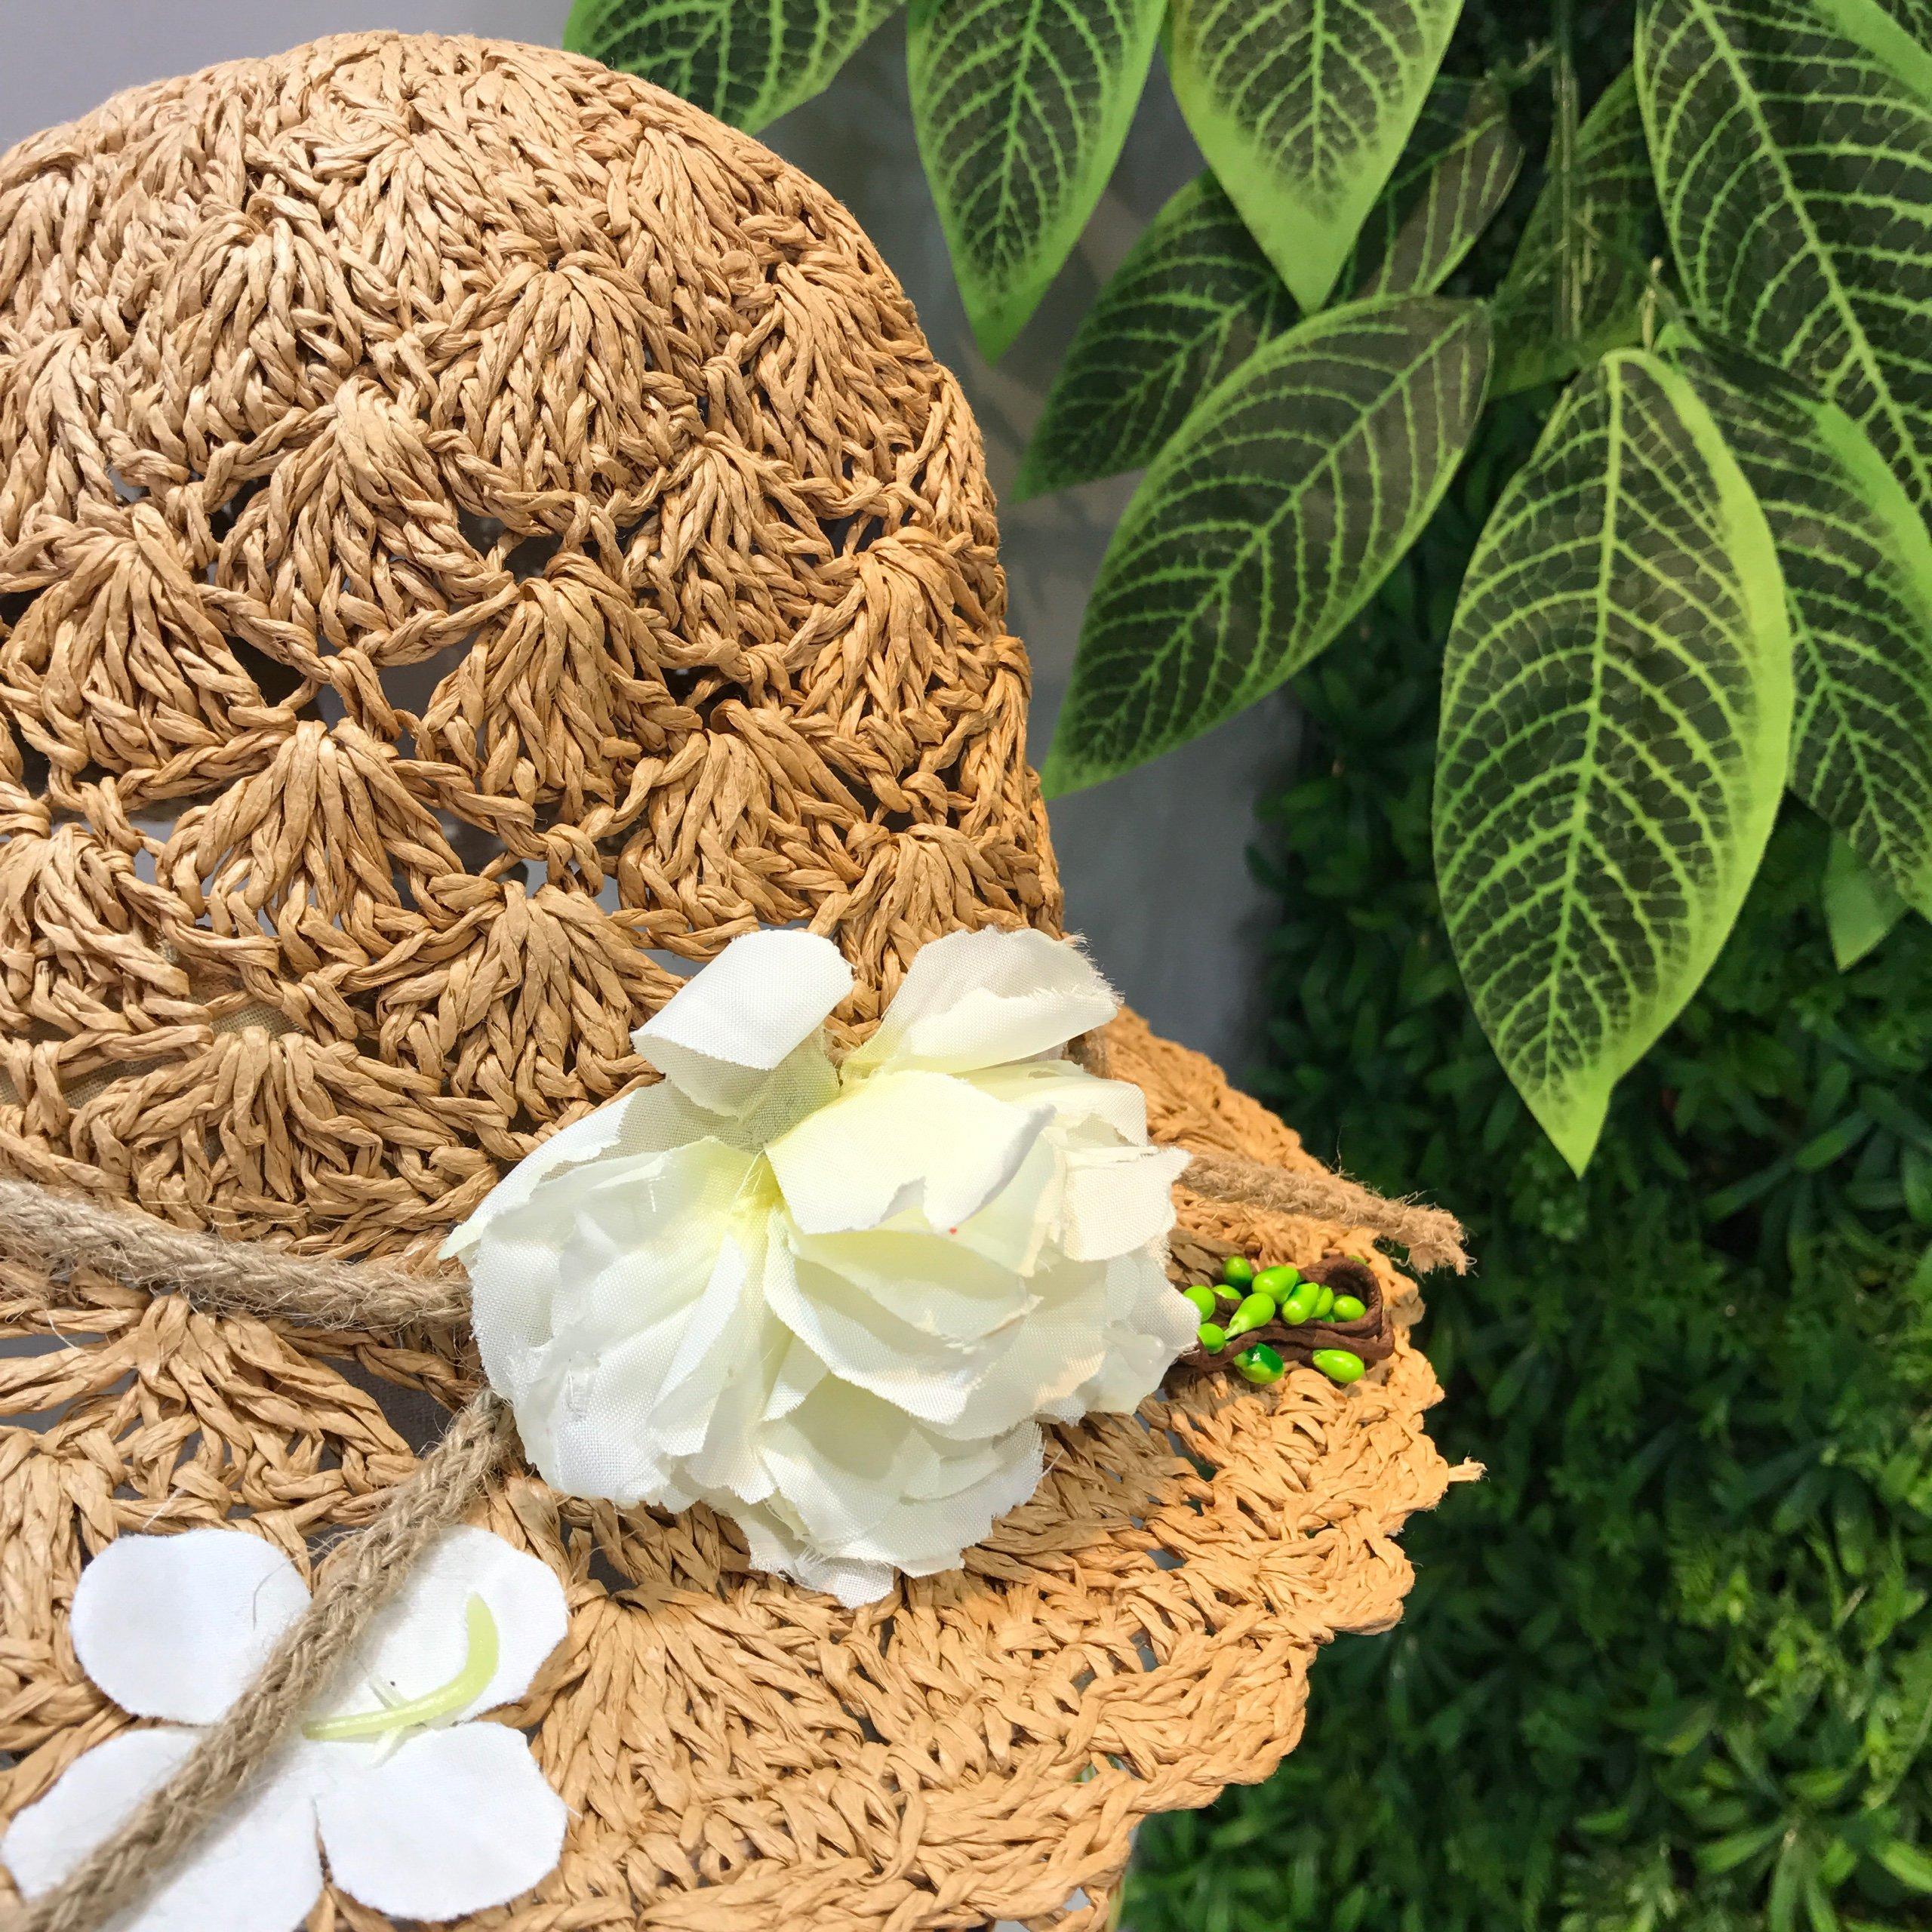 Mũ cói vành móc hoa